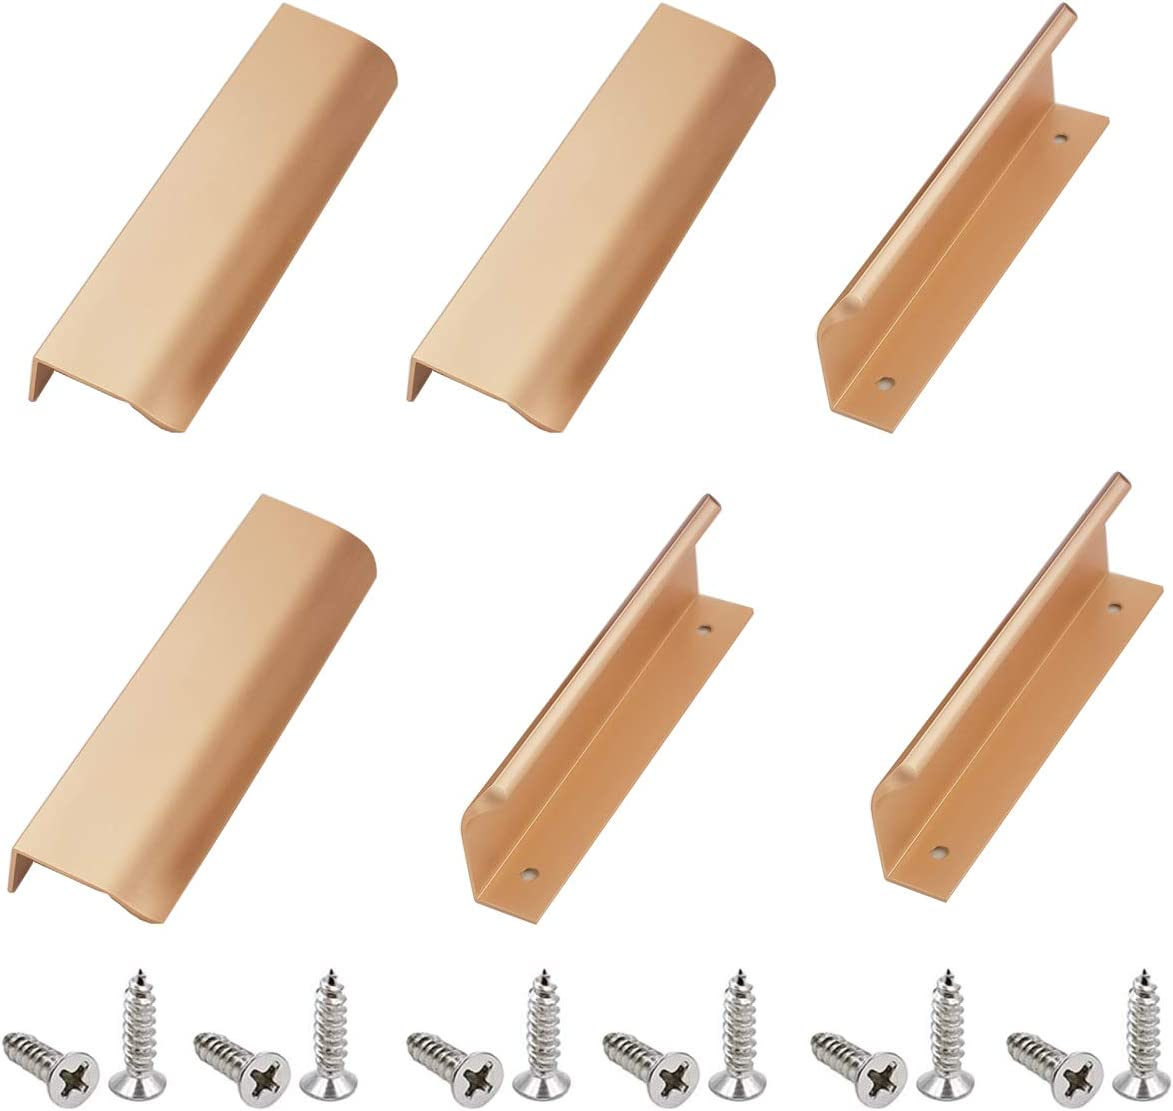 Pomos y Tiradores de Muebles Moderno, 6 Piezas Tirador Moderno para Cajón Alacena Puerta Mueble Armario, Manija Oculta Invisible, Aleación de Aluminio(150 mm) Juego de Manijas/Tirador de Mueble